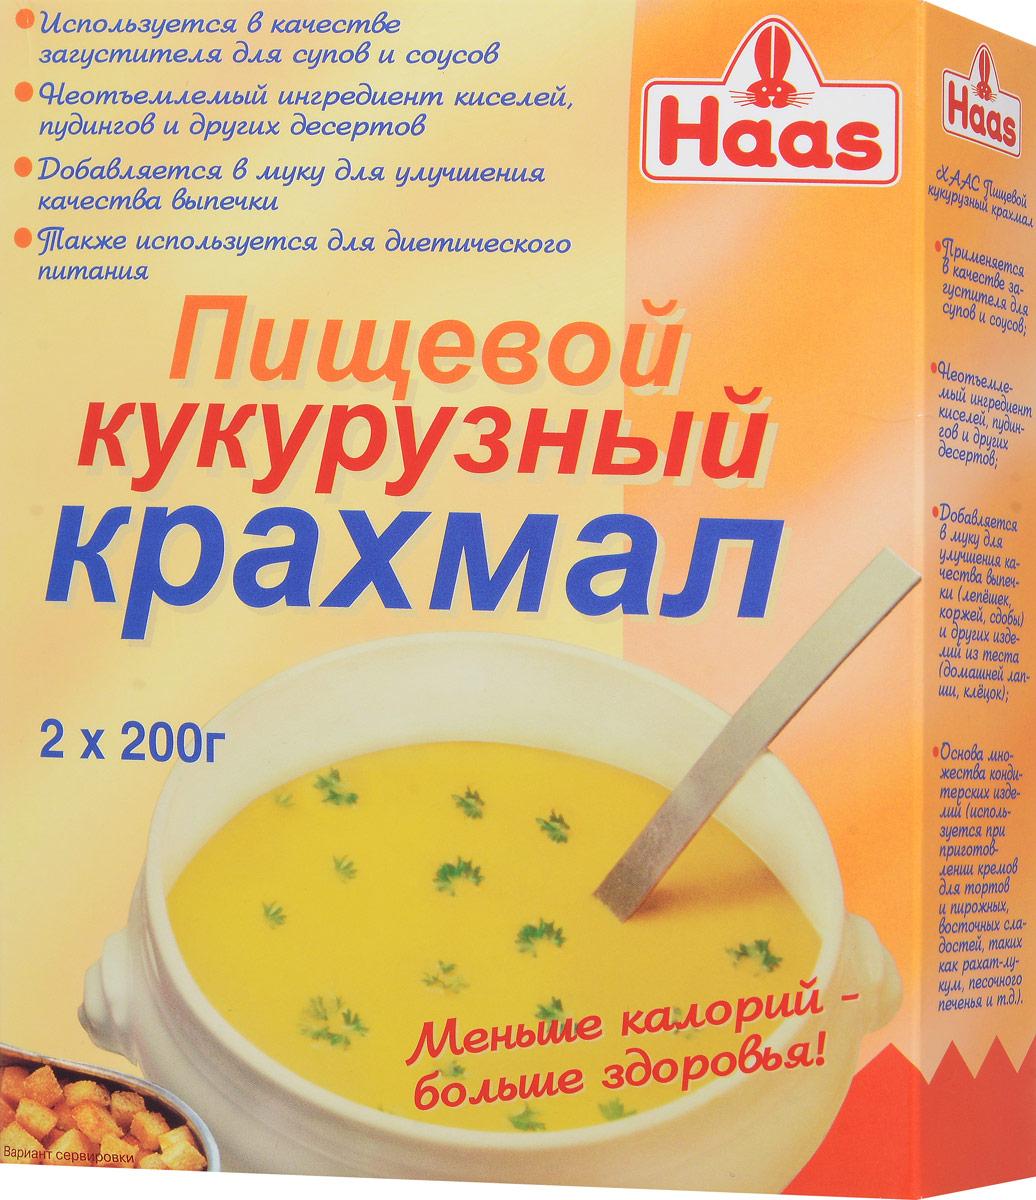 Haas кукурузный крахмал, 400 г